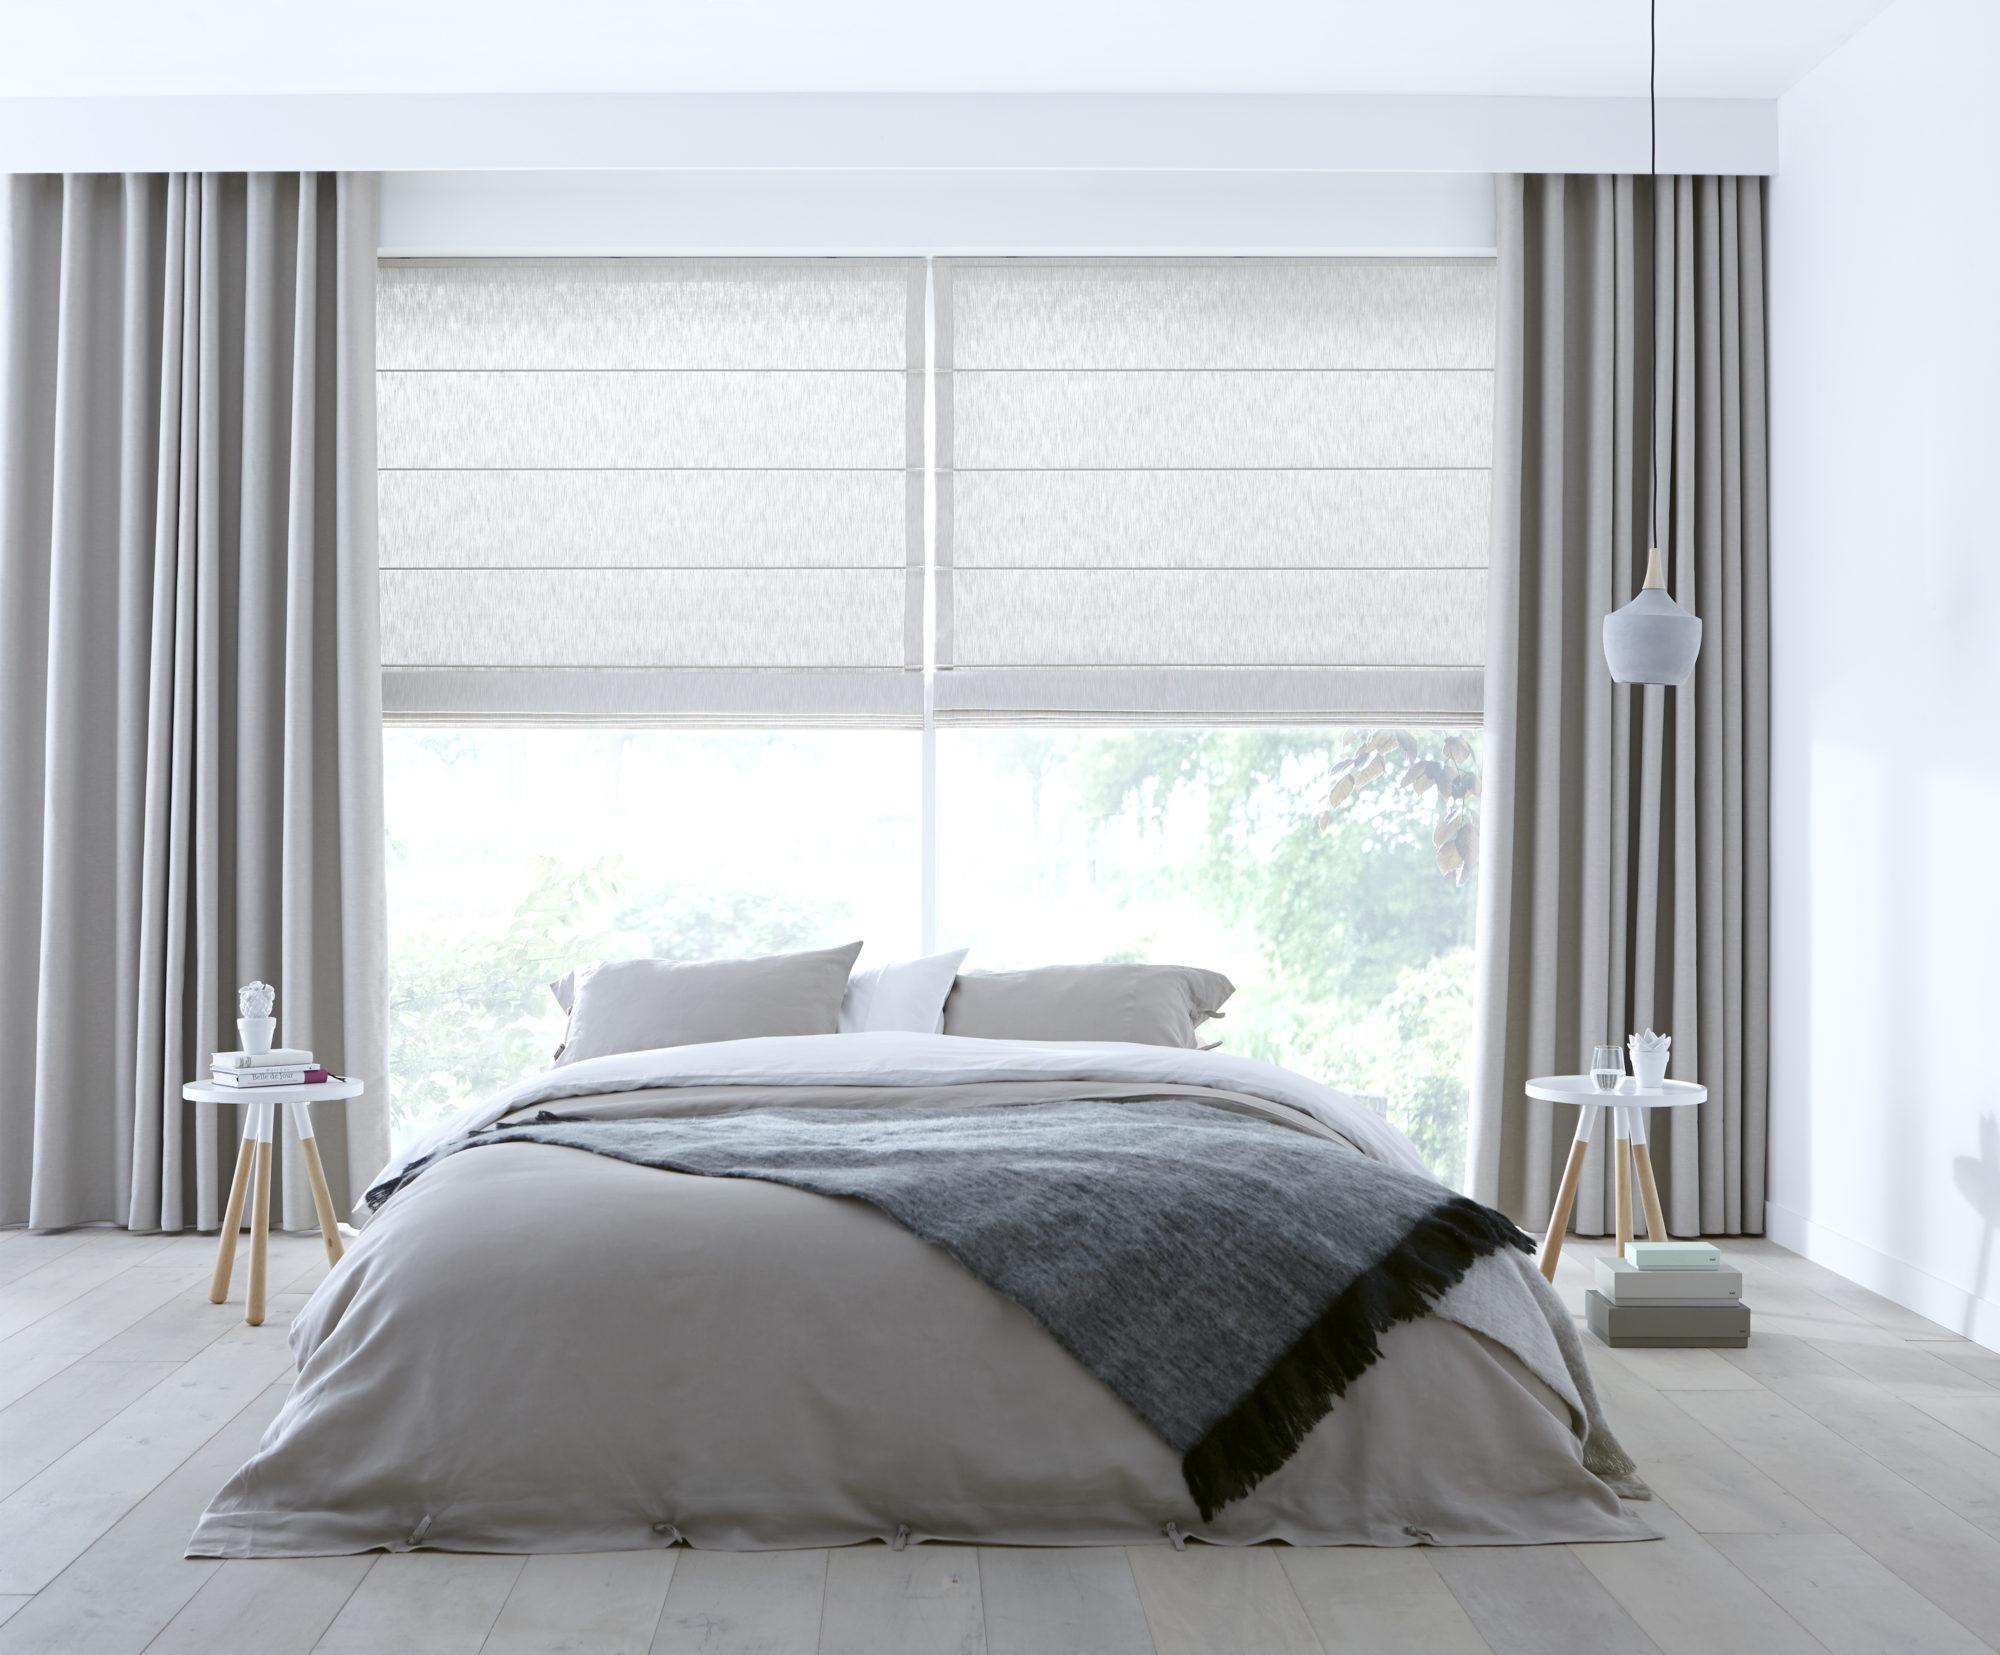 Rolgordijnen Slaapkamer 6 : Rolgordijn en baby kind slaapkamer verduisterend te koop